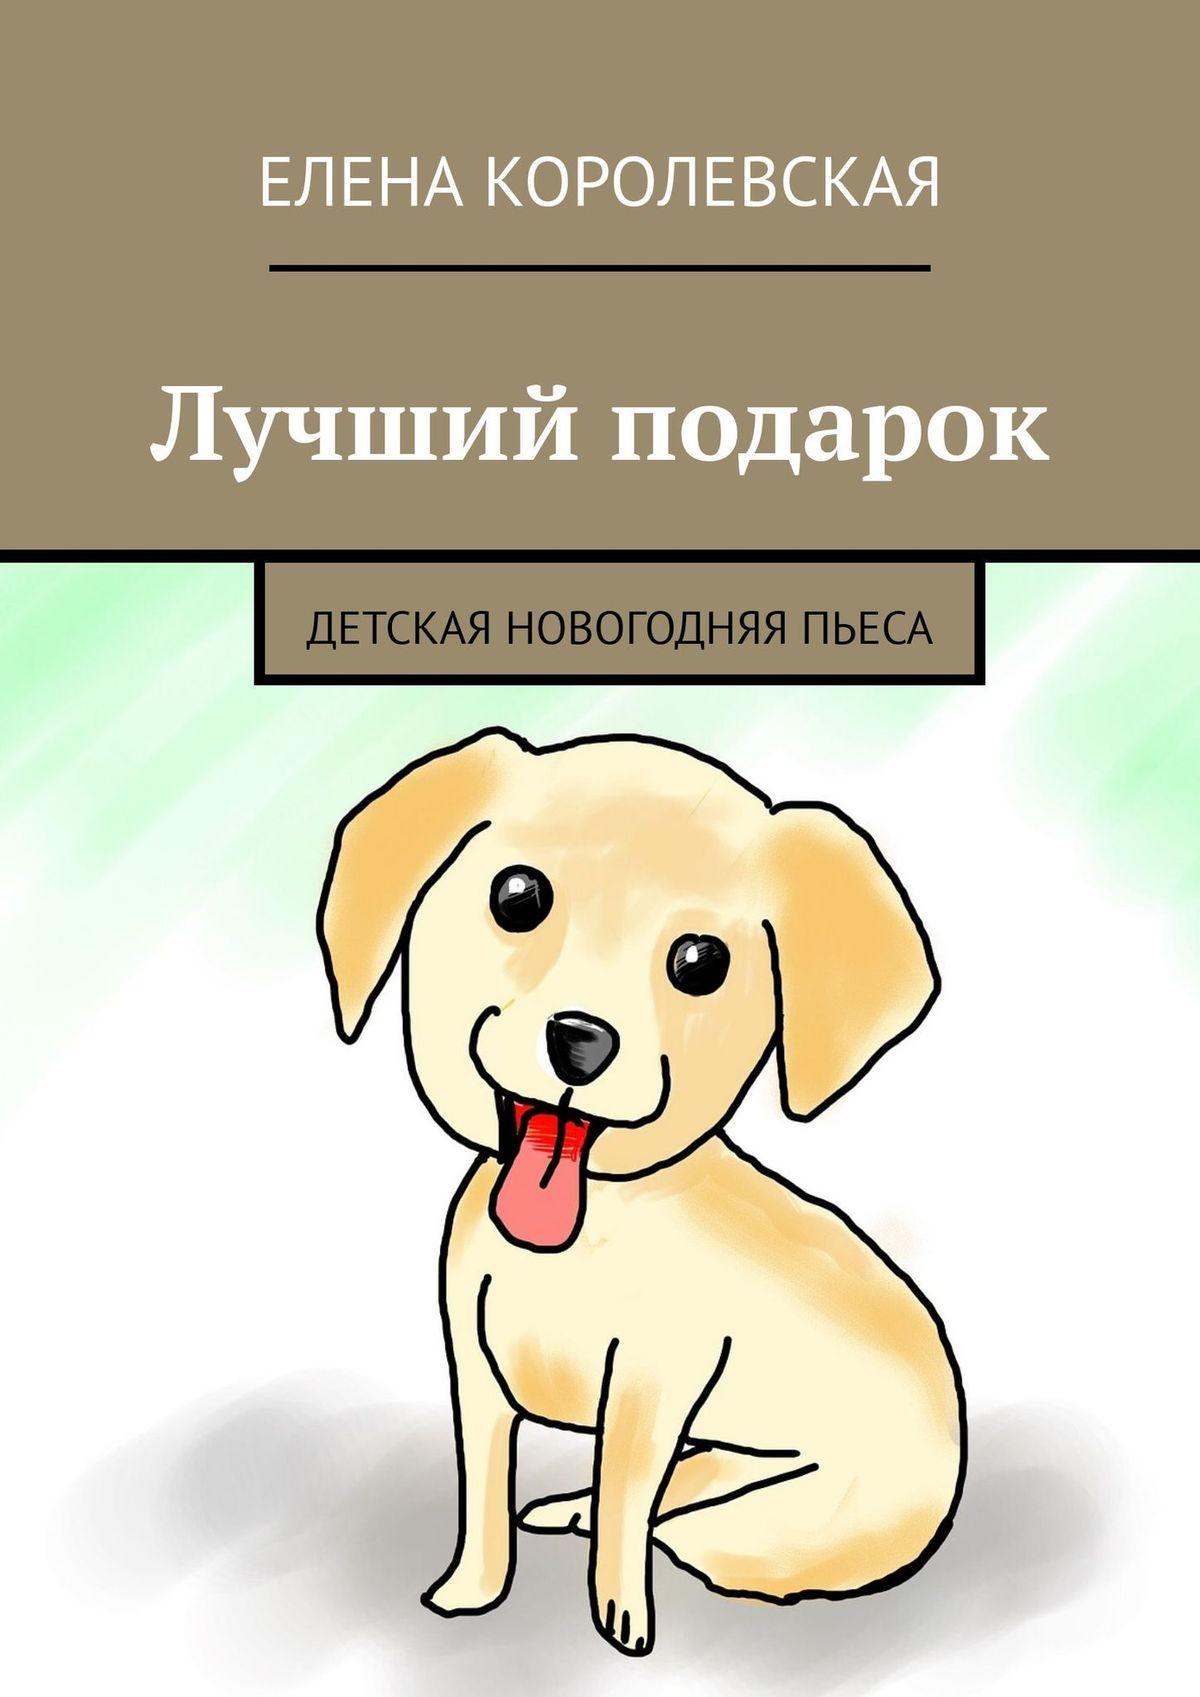 Елена Королевская Лучший подарок. Детская новогодняя пьеса